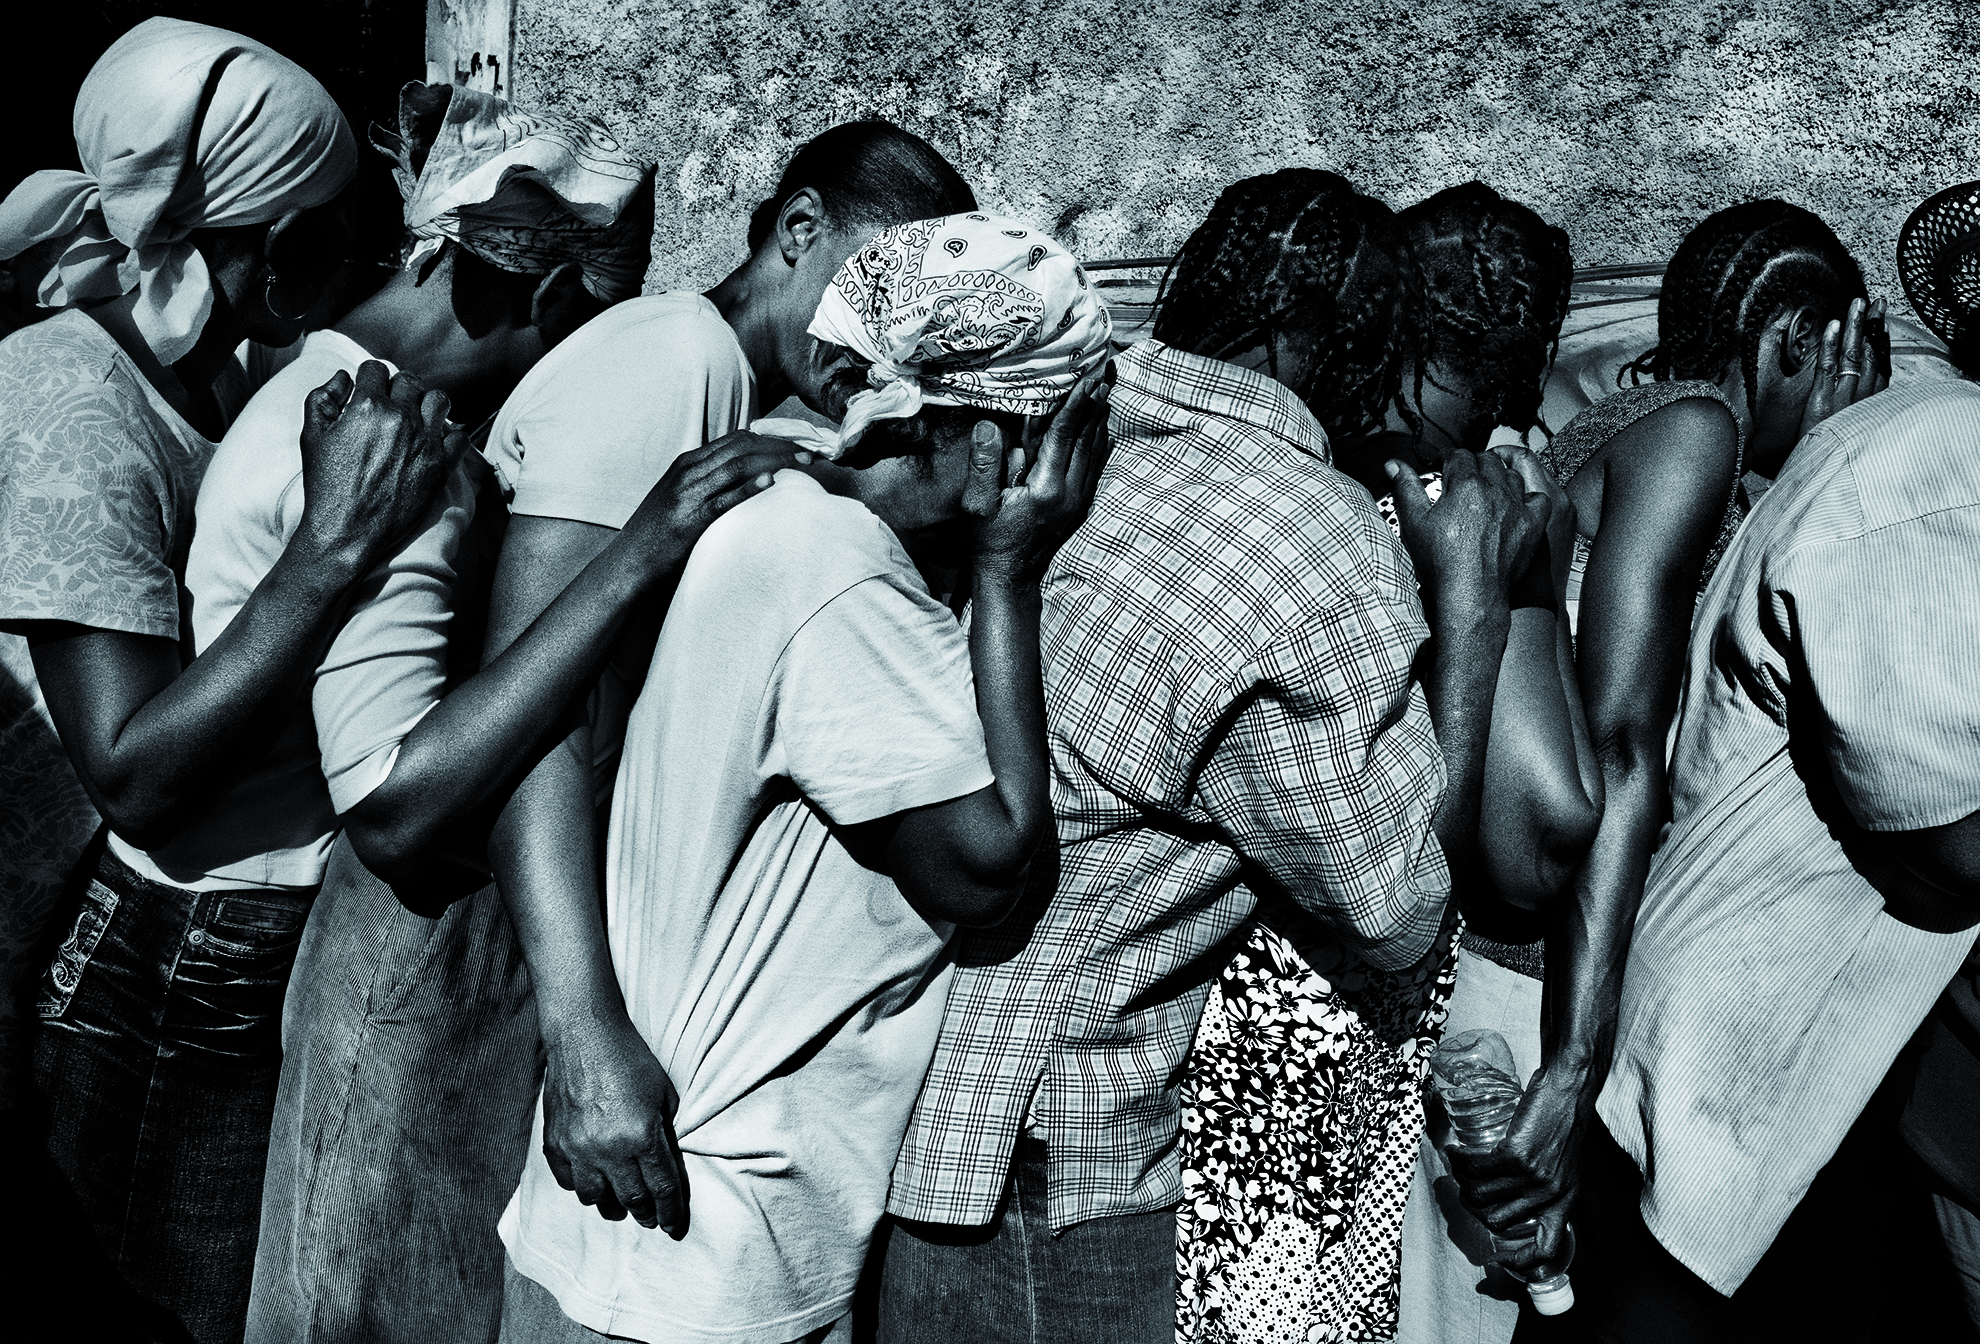 Haití, Puerto Príncipe. Enero de 2010. Supervivientes haciendo cola para recibir comida.